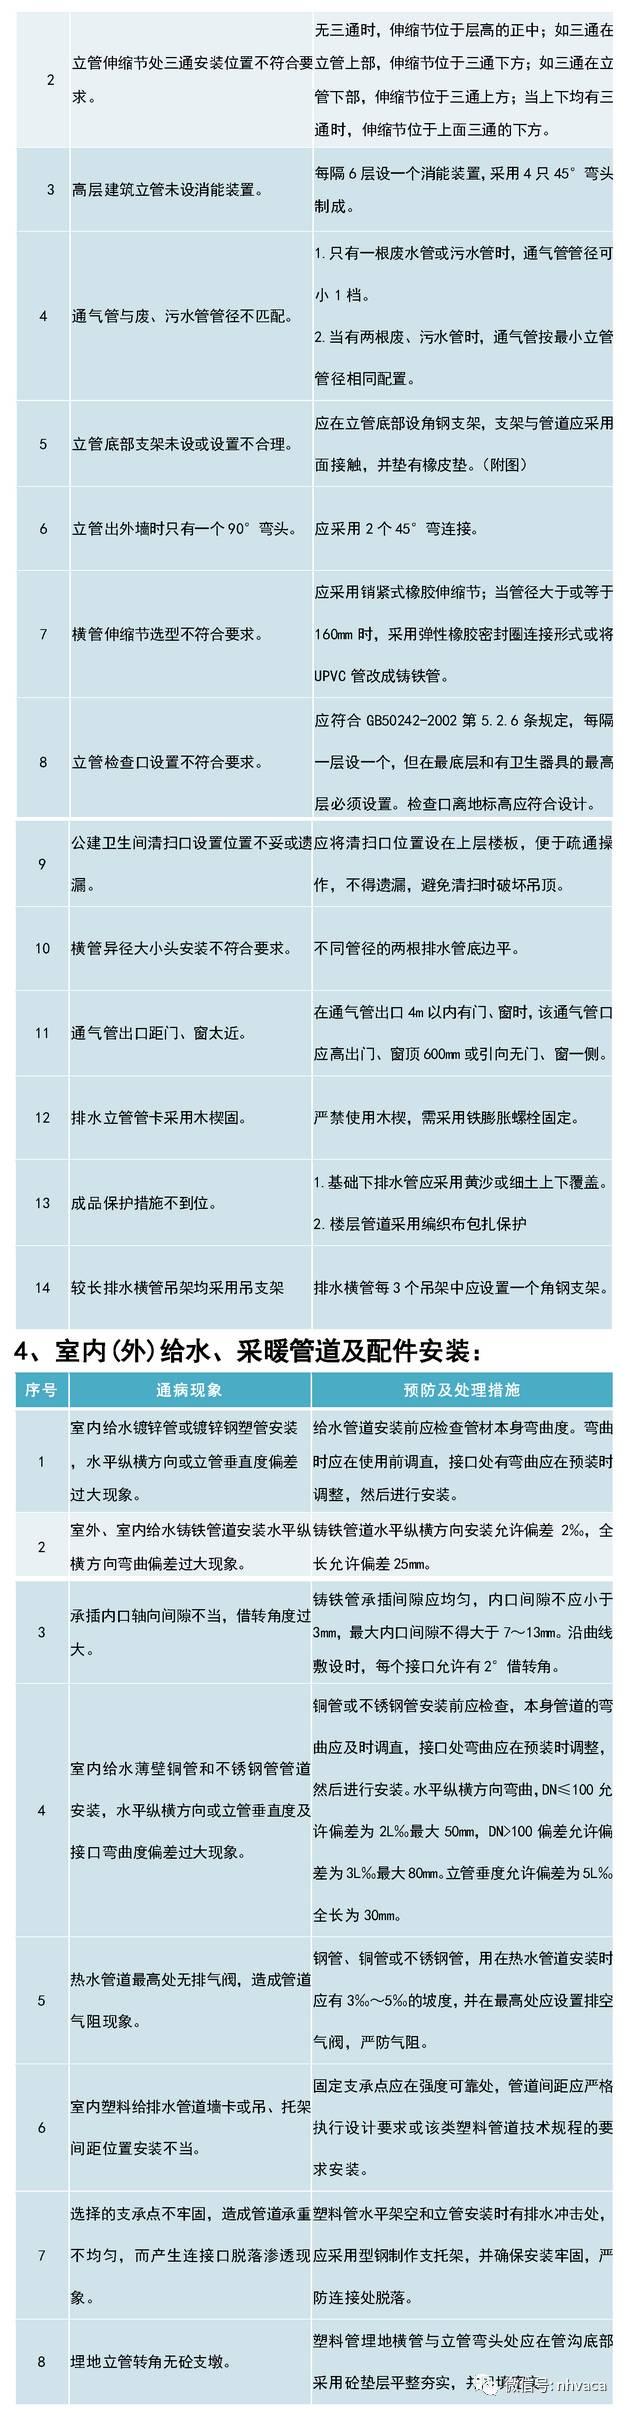 建筑机电安装工程质量通病案例汇编_3